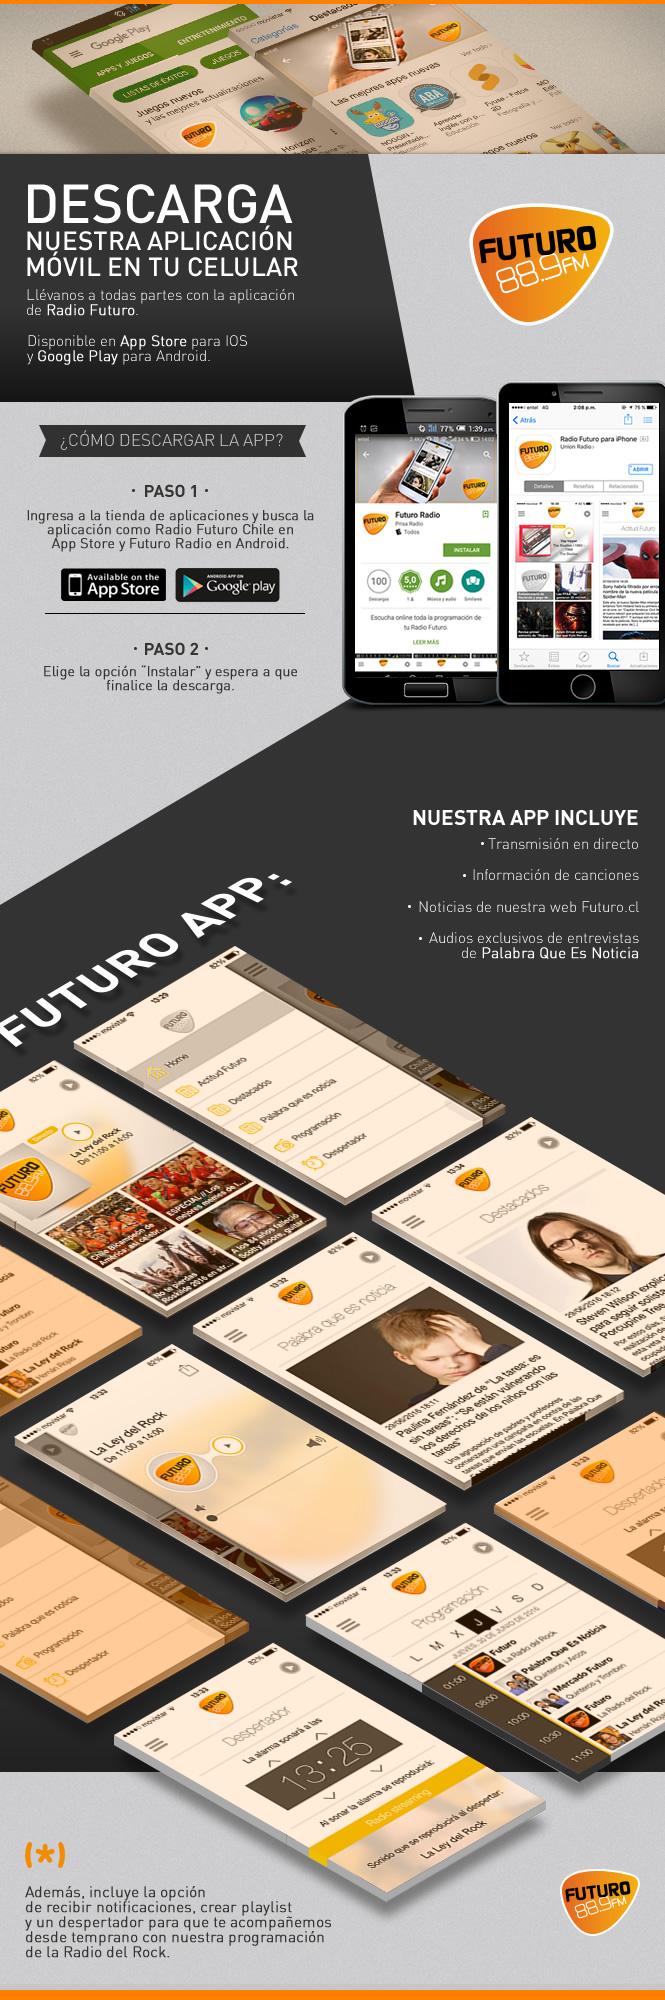 app-futuro